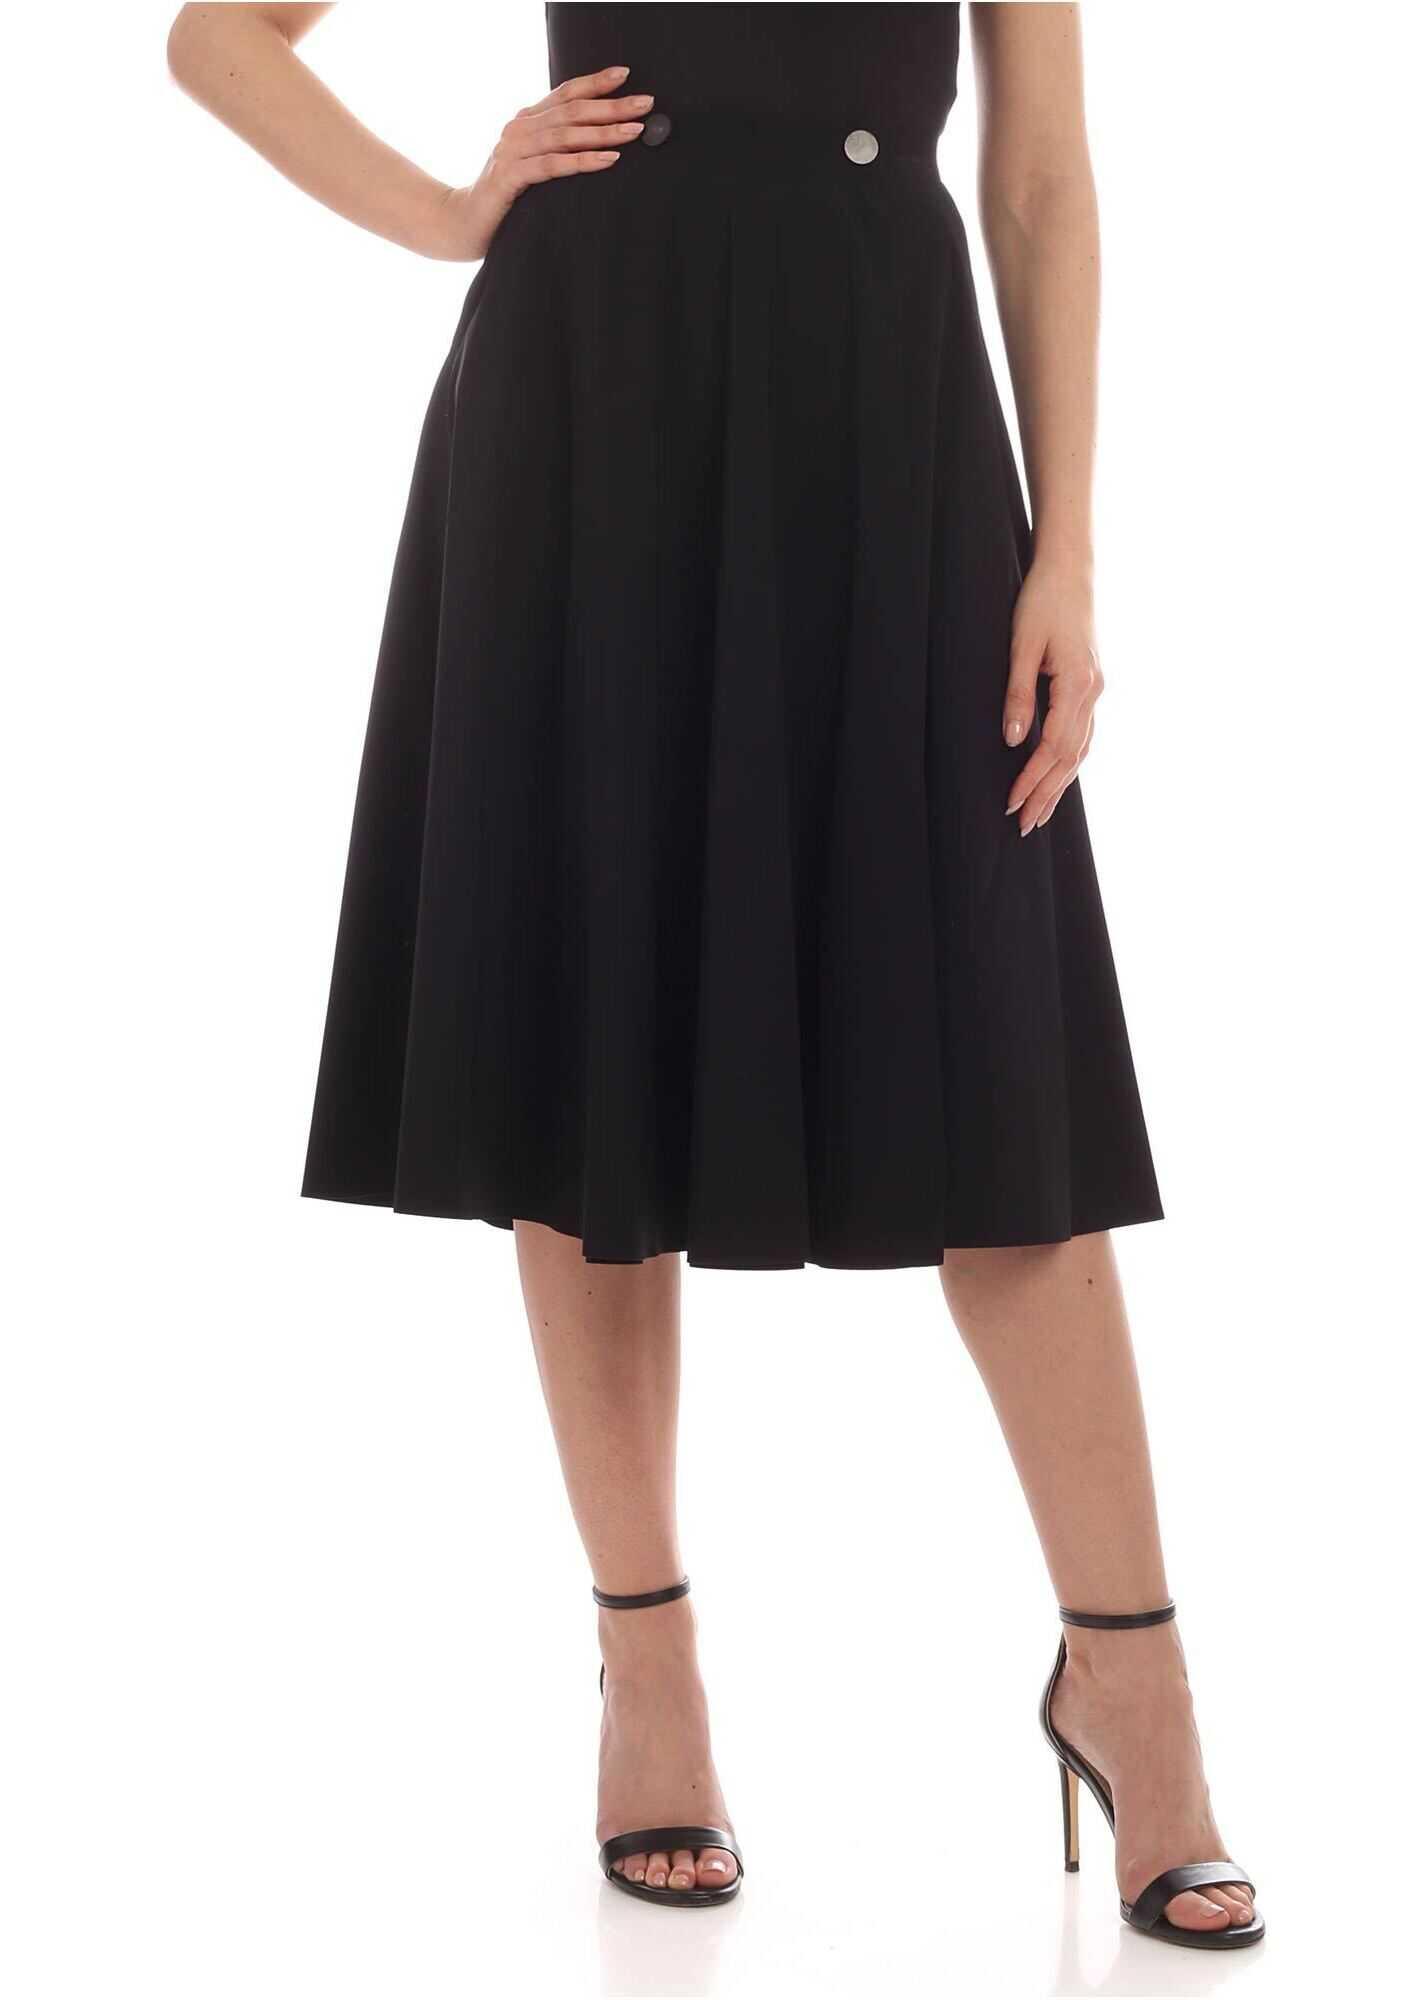 Logo Asymmetric Skirt In Black thumbnail